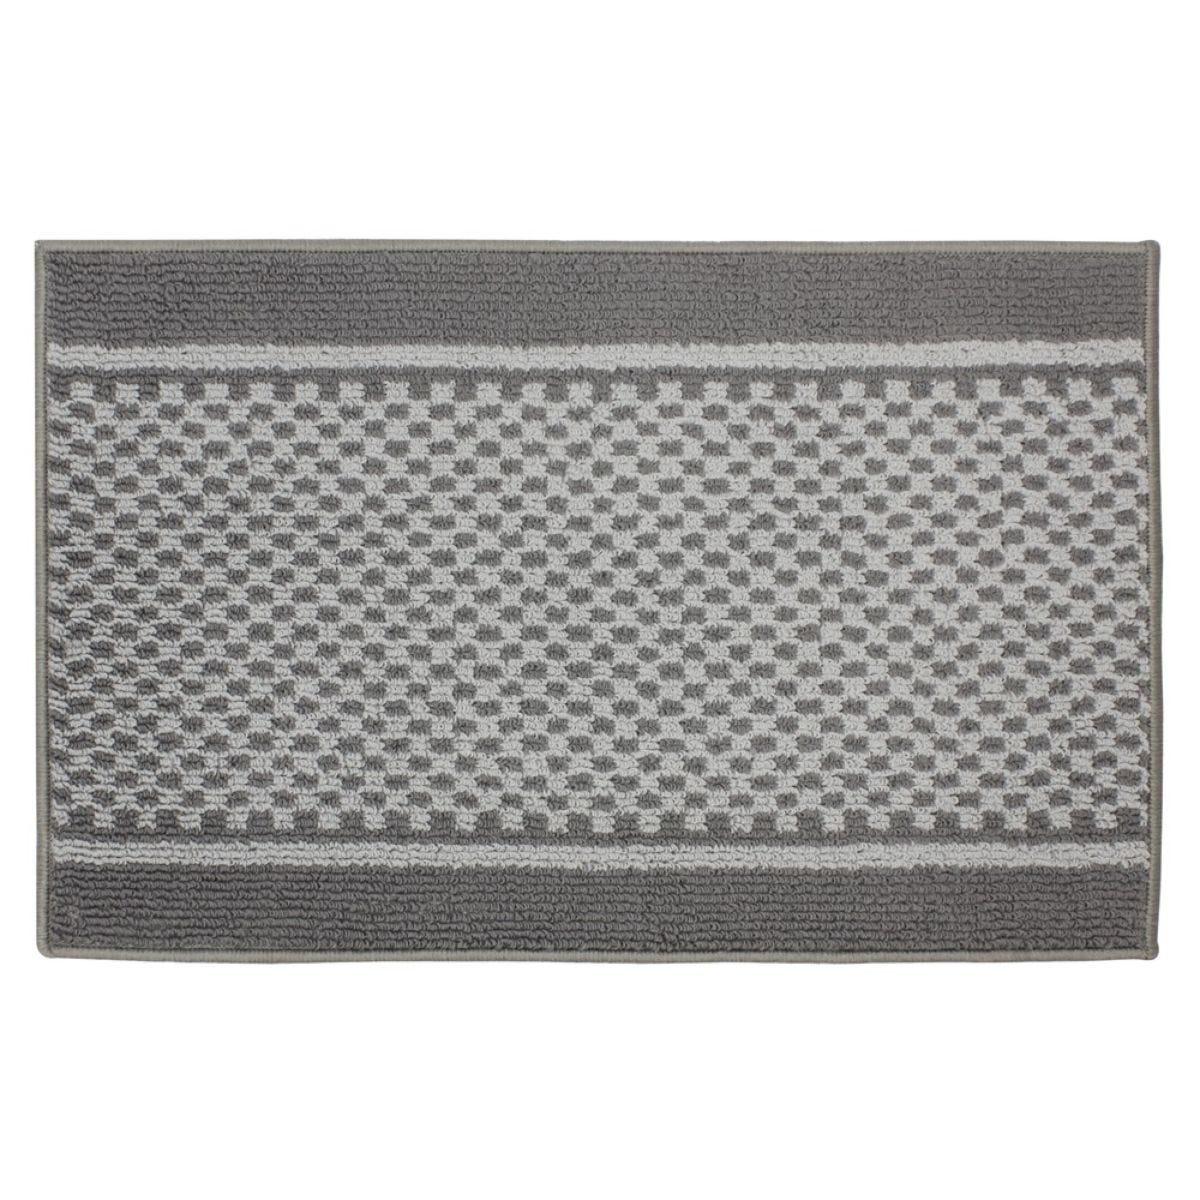 JVL 50x80cm Bologna Entrance Doormat - Dark/Light Grey